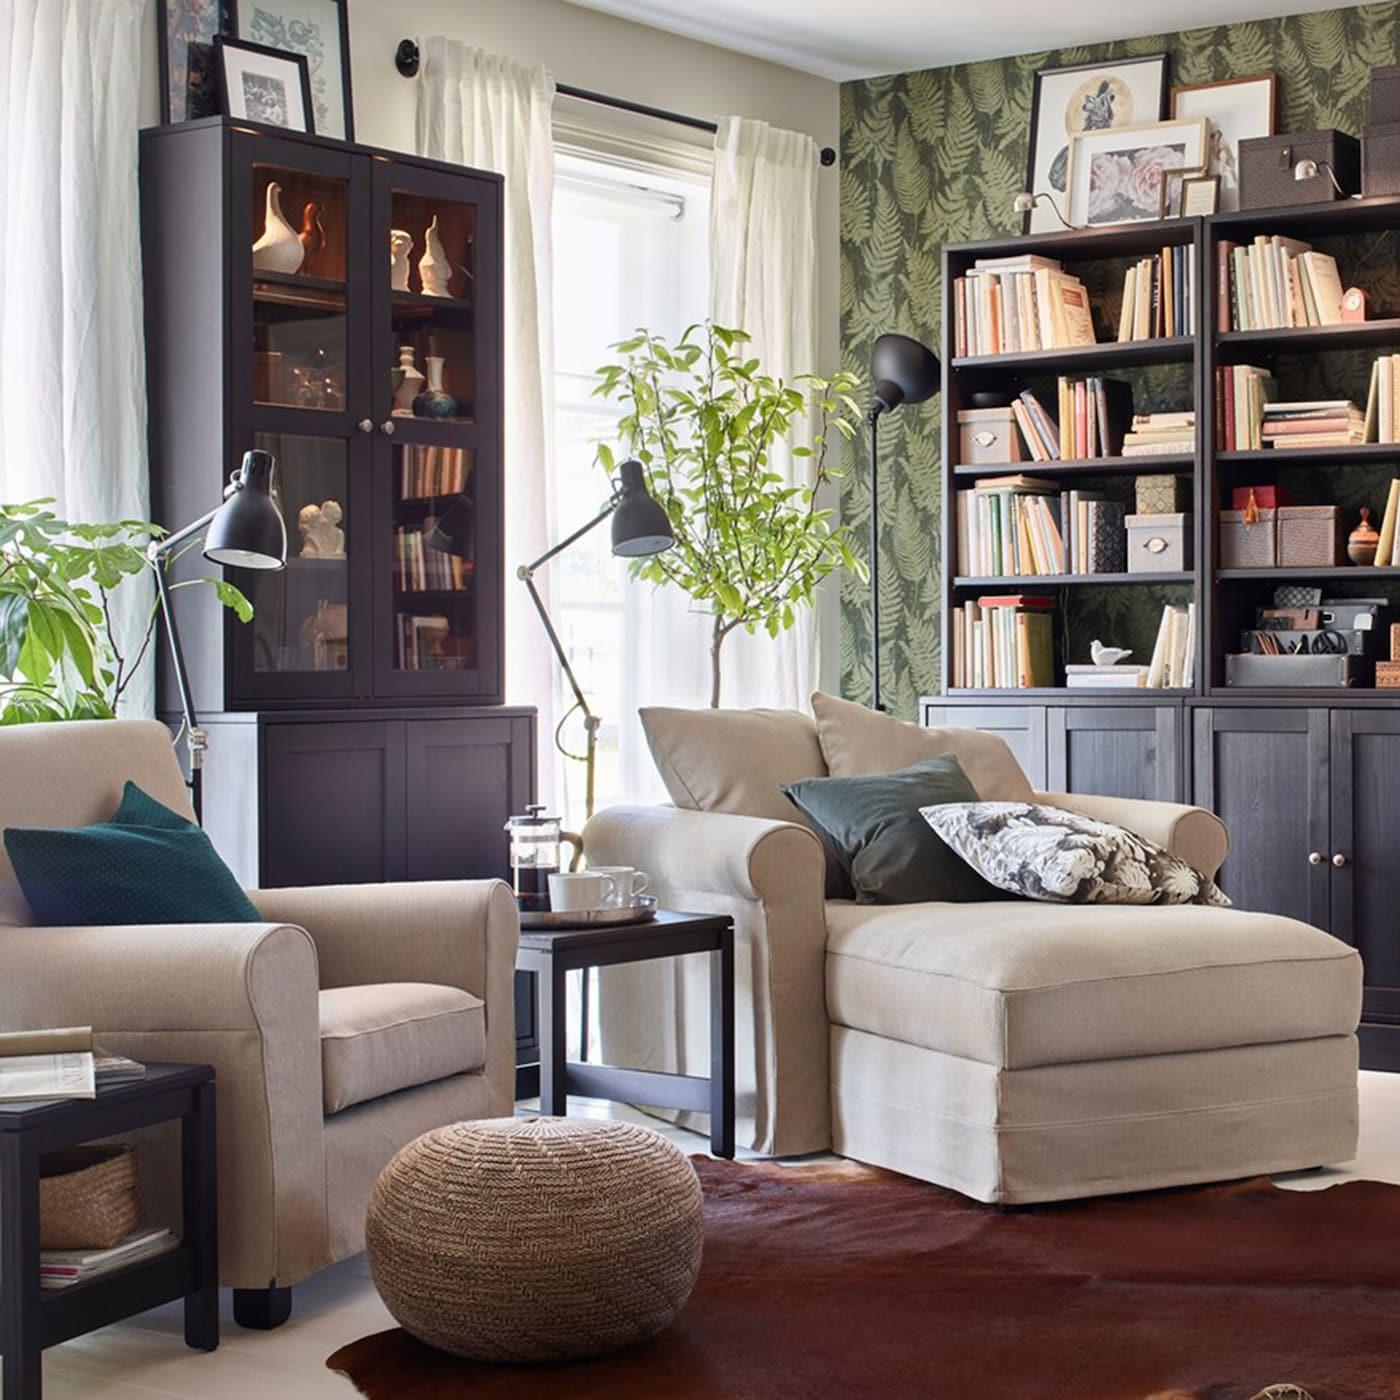 Armadio Con Vano Tv Ikea.Https Www Ikea Com Ch It Rooms Living Room Gallery Il Soggiorno